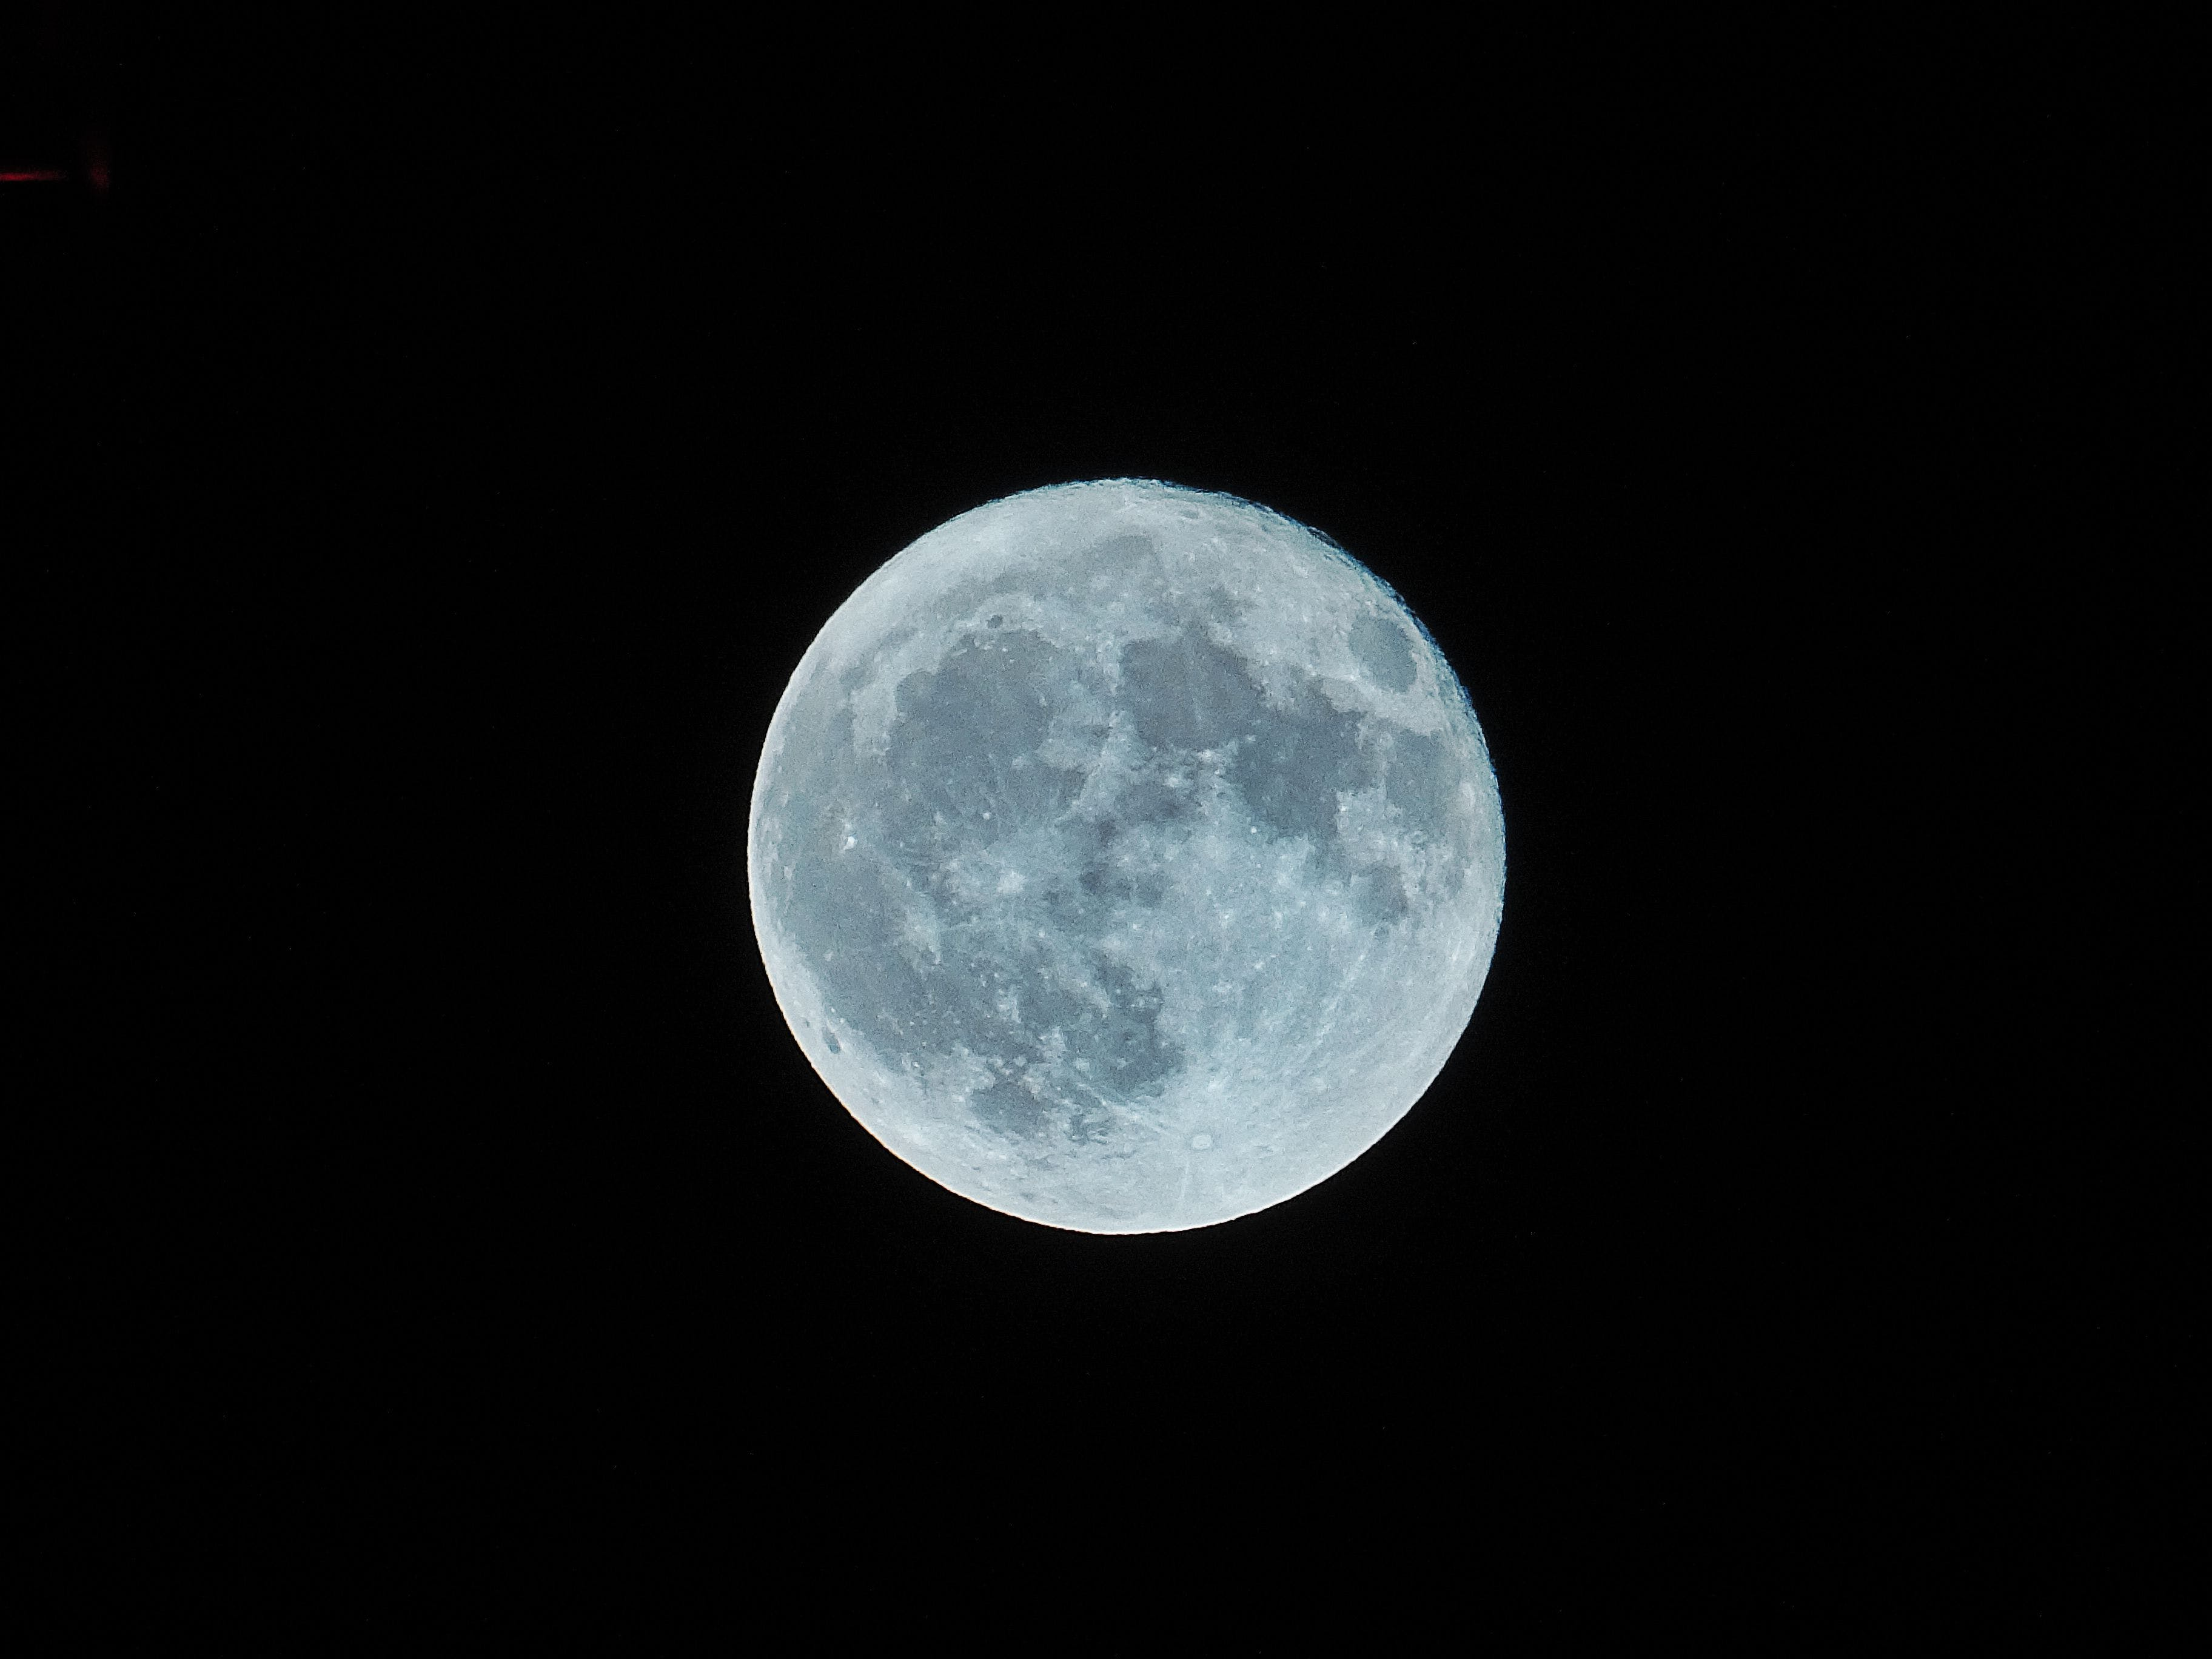 Kostnadsfri bild av astrologi, astronomi, bana, förmörkelse